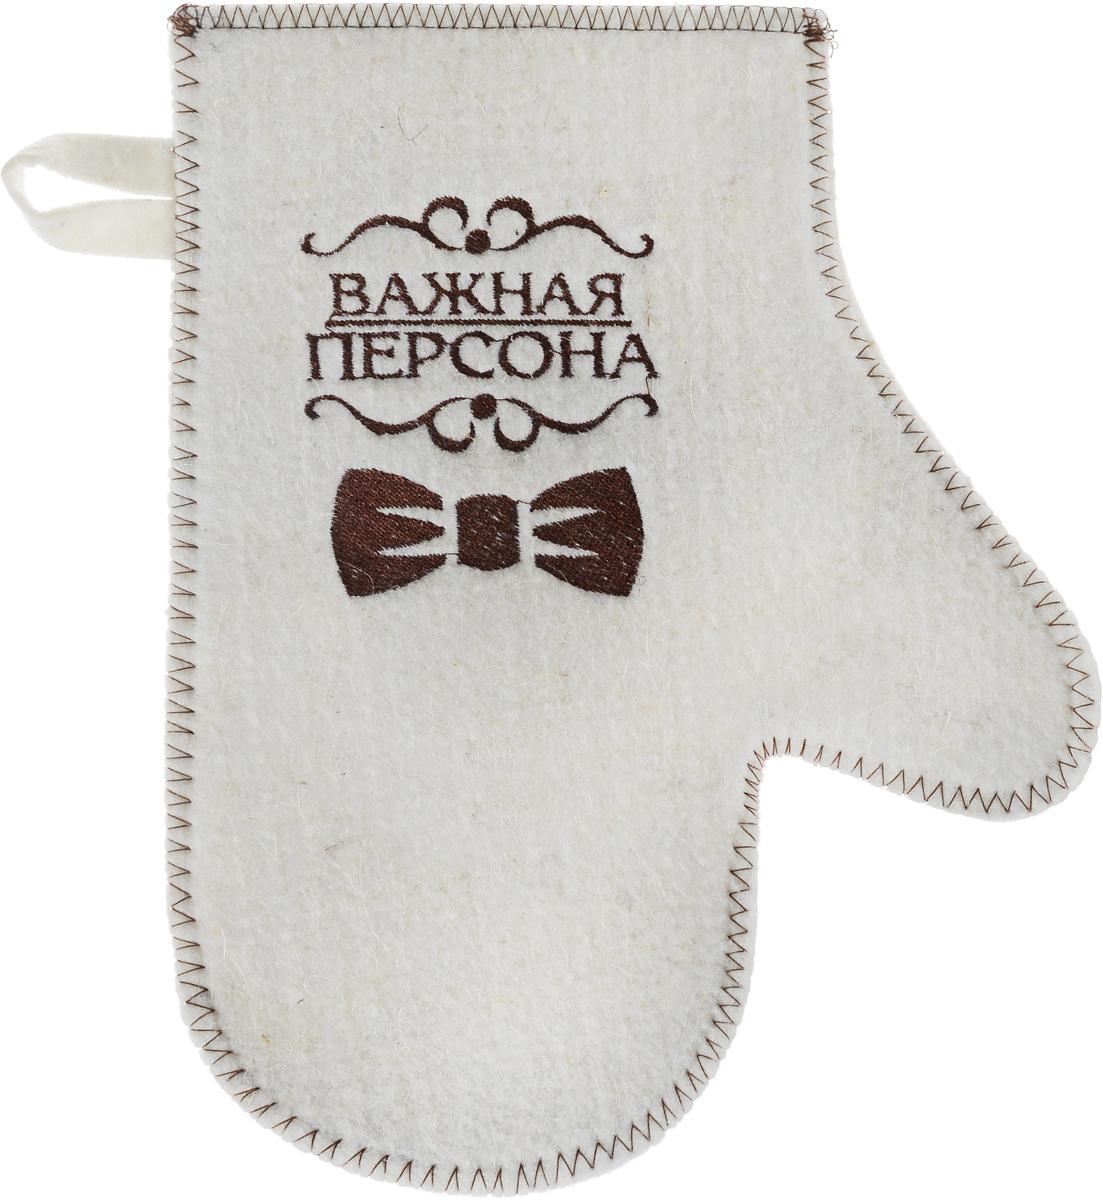 Рукавица для бани и сауны Главбаня Важная персонаБ4305Рукавица Главбаня Важная персона, изготовленная из войлока, - незаменимый банный атрибут. Изделие декорировано ярким рисунком и оснащено петелькой для подвешивания на крючок. Такая рукавица защищает руки от горячего пара, делает комфортным пребывание в парной. Также ею можно прекрасно промассировать тело. Размер рукавицы: 23 х 28 см. Материал: войлок (50% шерсть, 50% полиэфир).